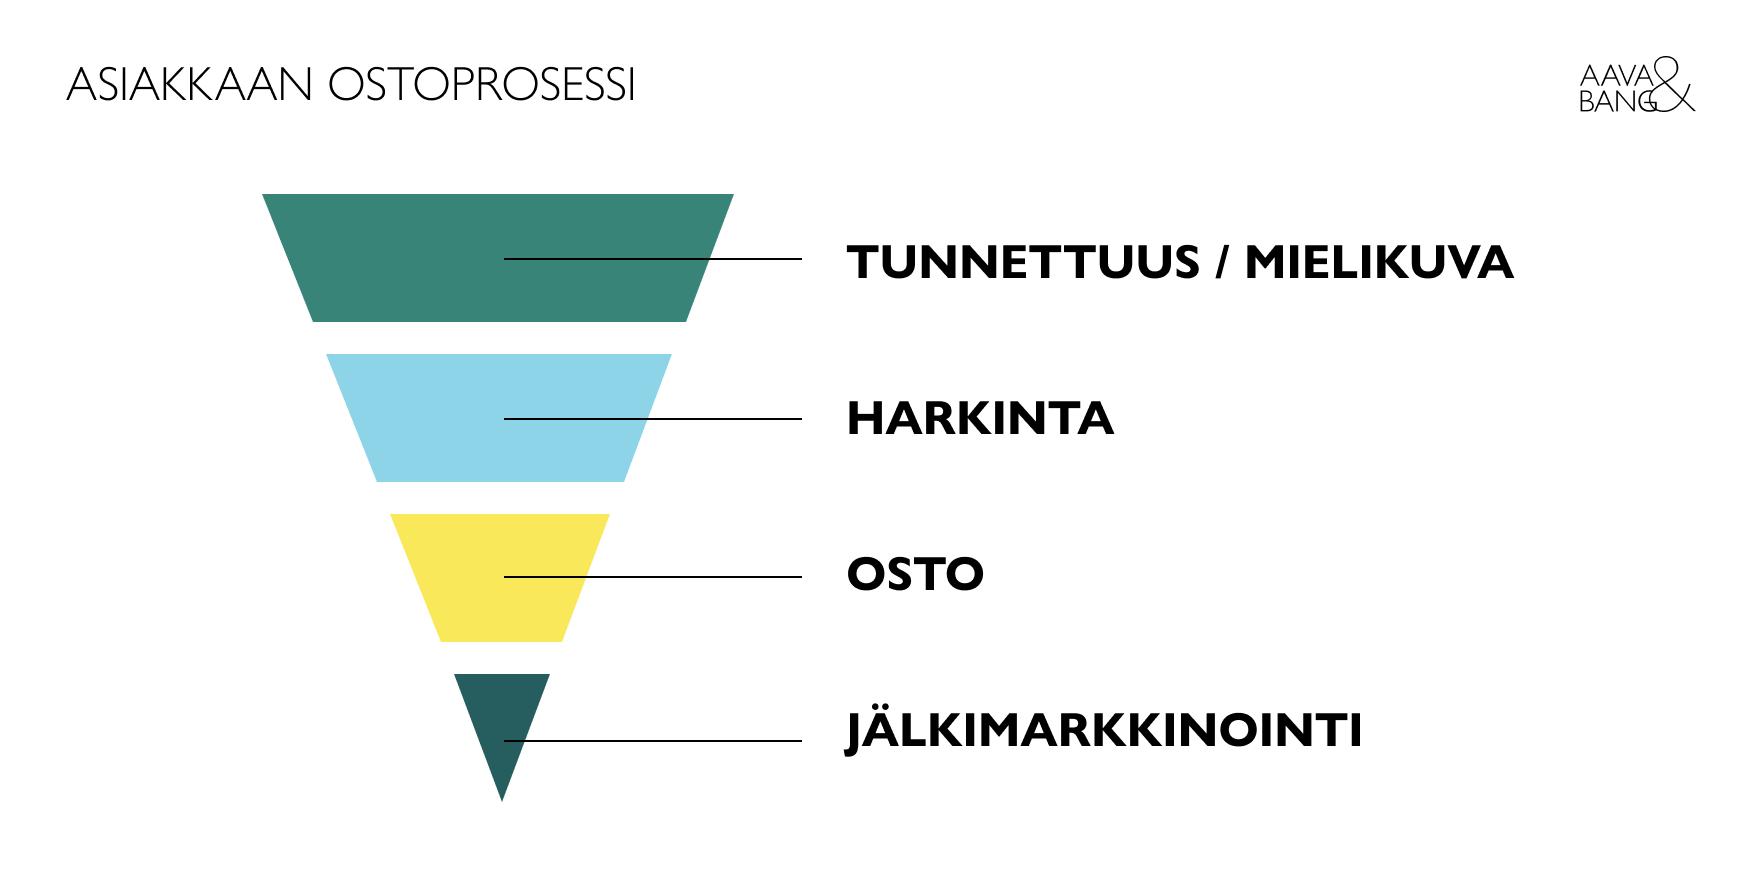 2-aavabang-asiakkaan-ostoprosessi-infograafi